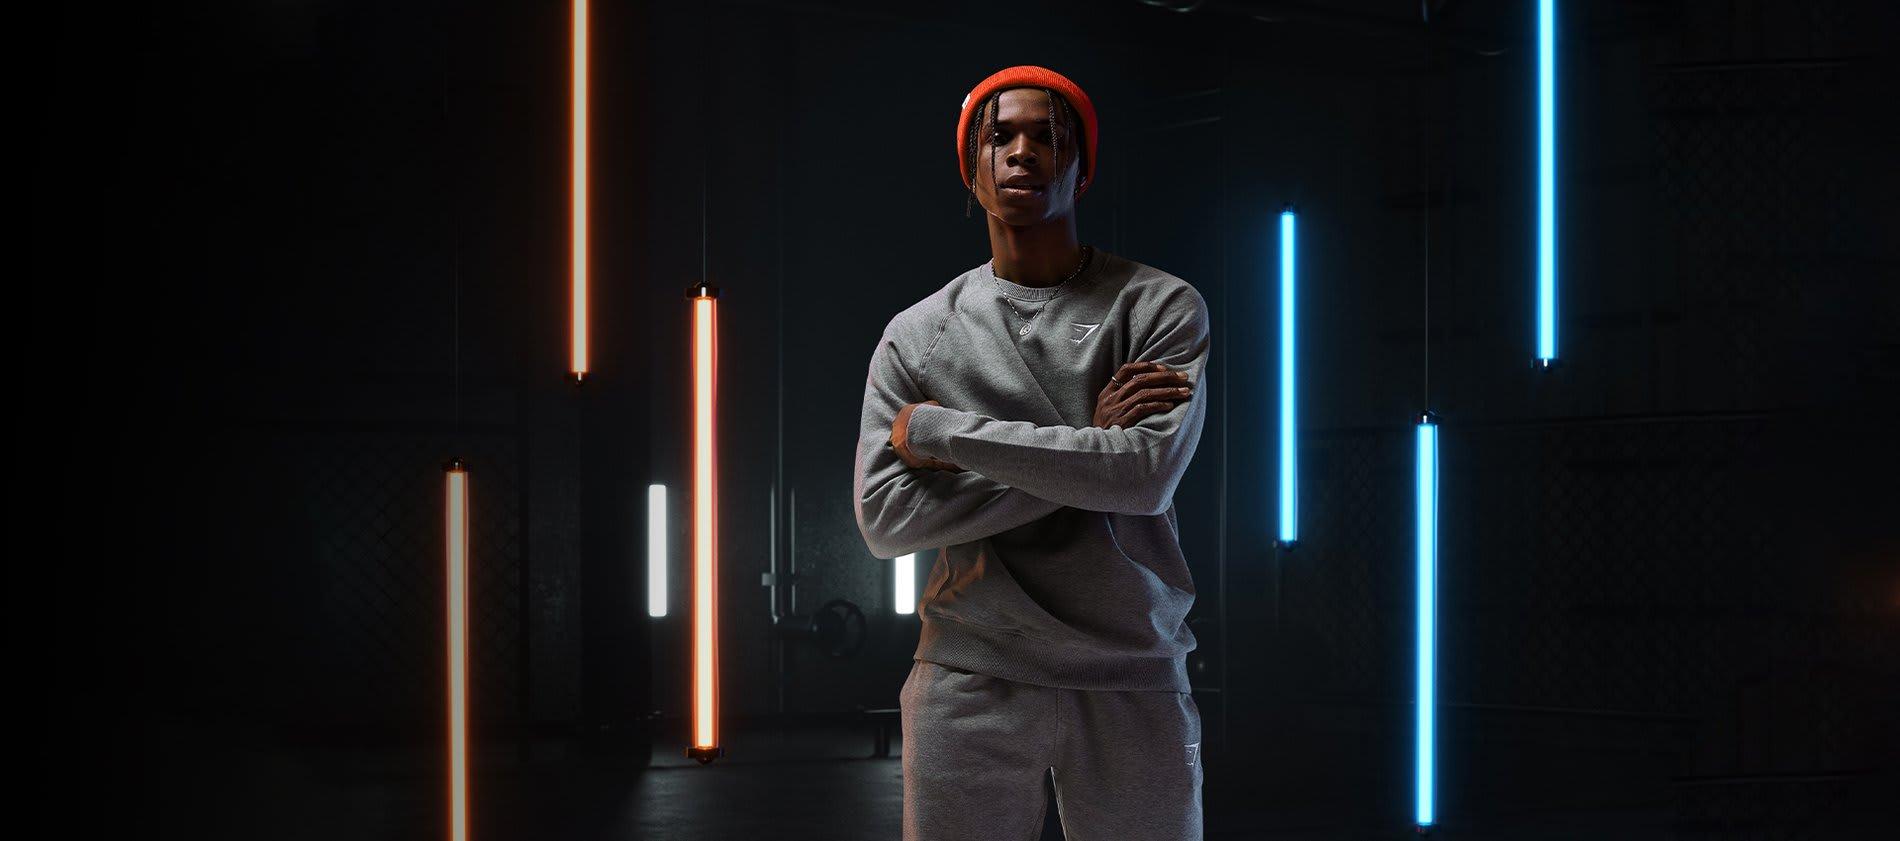 Mann trägt Crest Sweater und Jogger in Charcoal Marl in einem dunklen Raum mit orangen und blauen Neonröhren, die hinter ihm hängen.